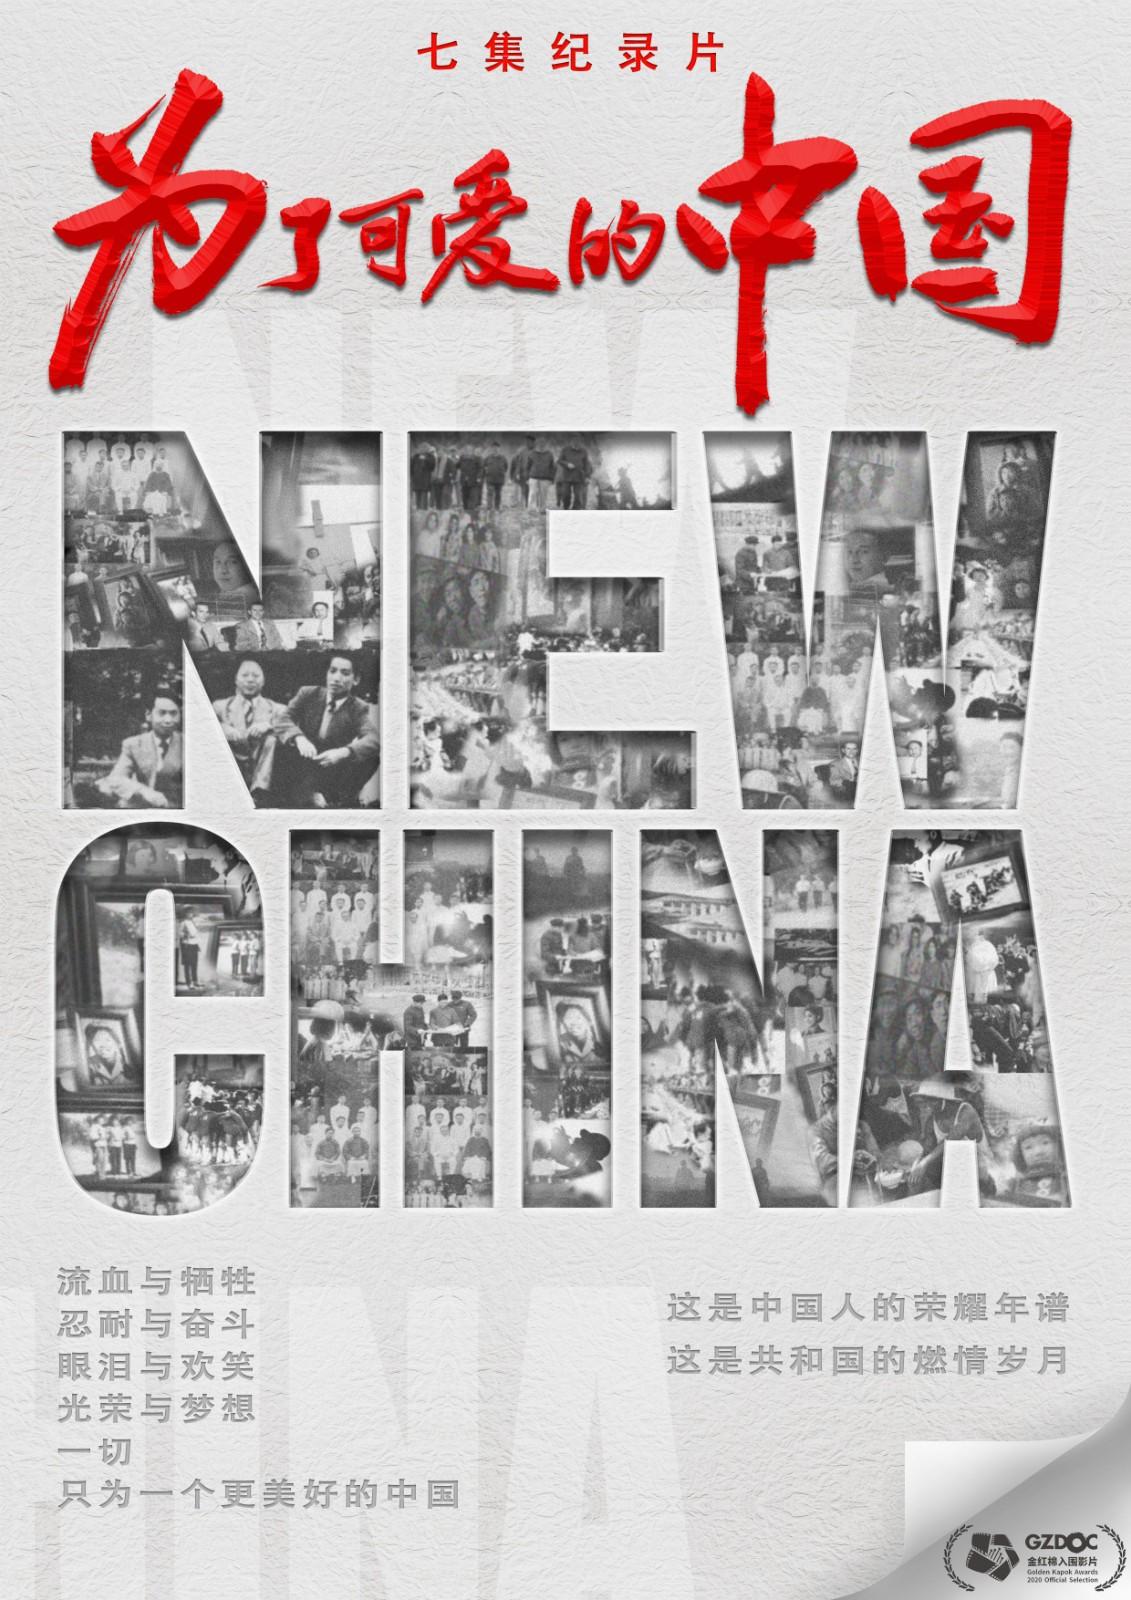 为了可爱的中国 海报.jpg